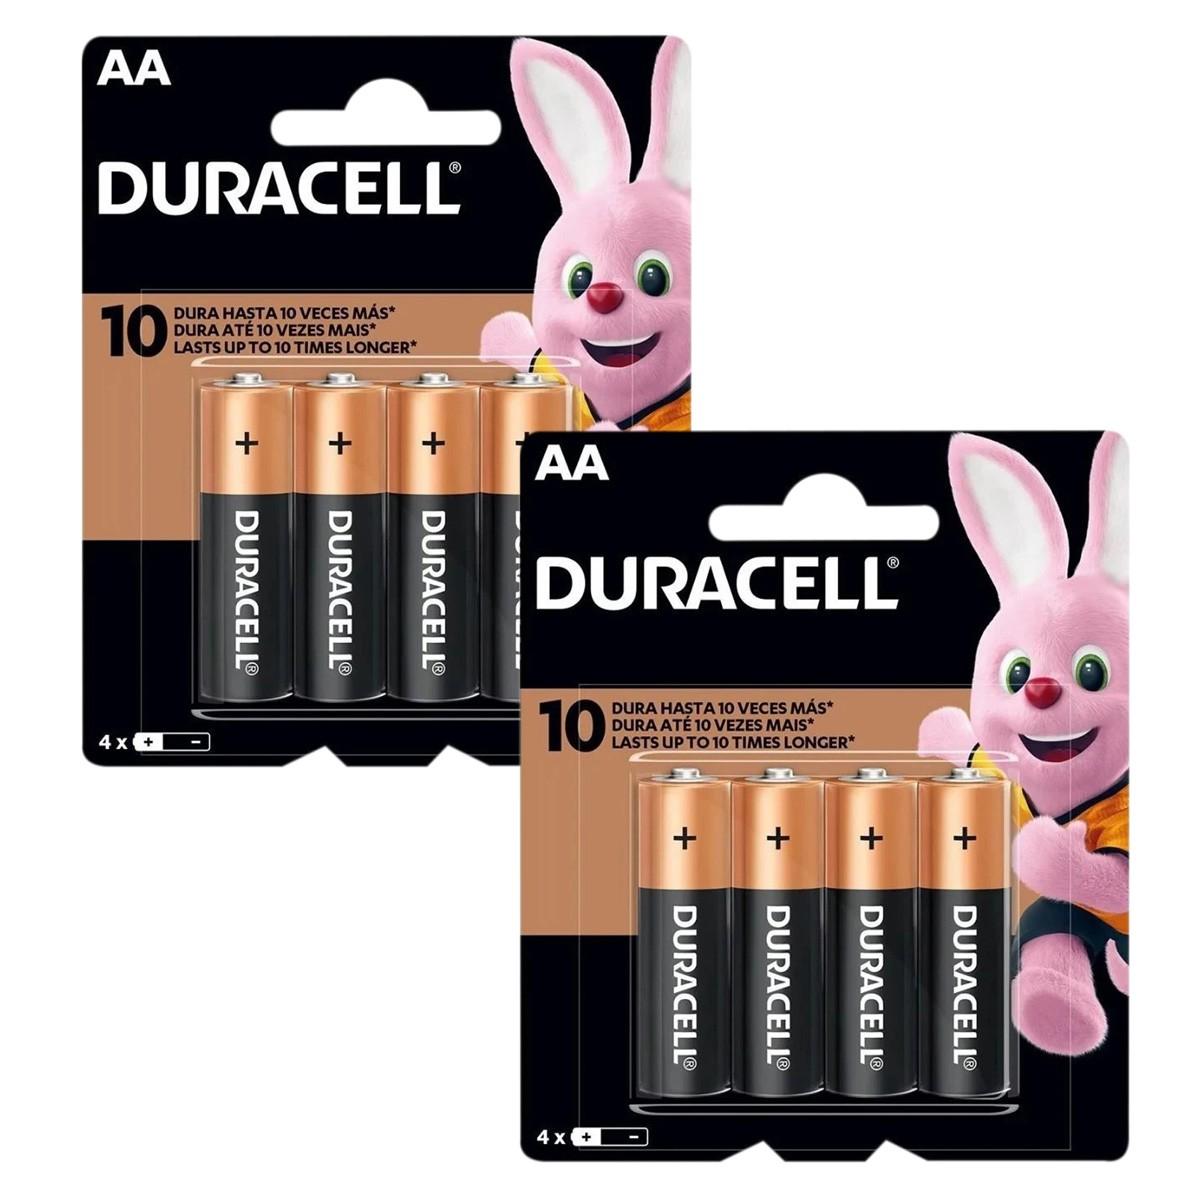 08 Pilhas DURACELL DURALOCK Alcalina AA Embalagem C/4 Unids